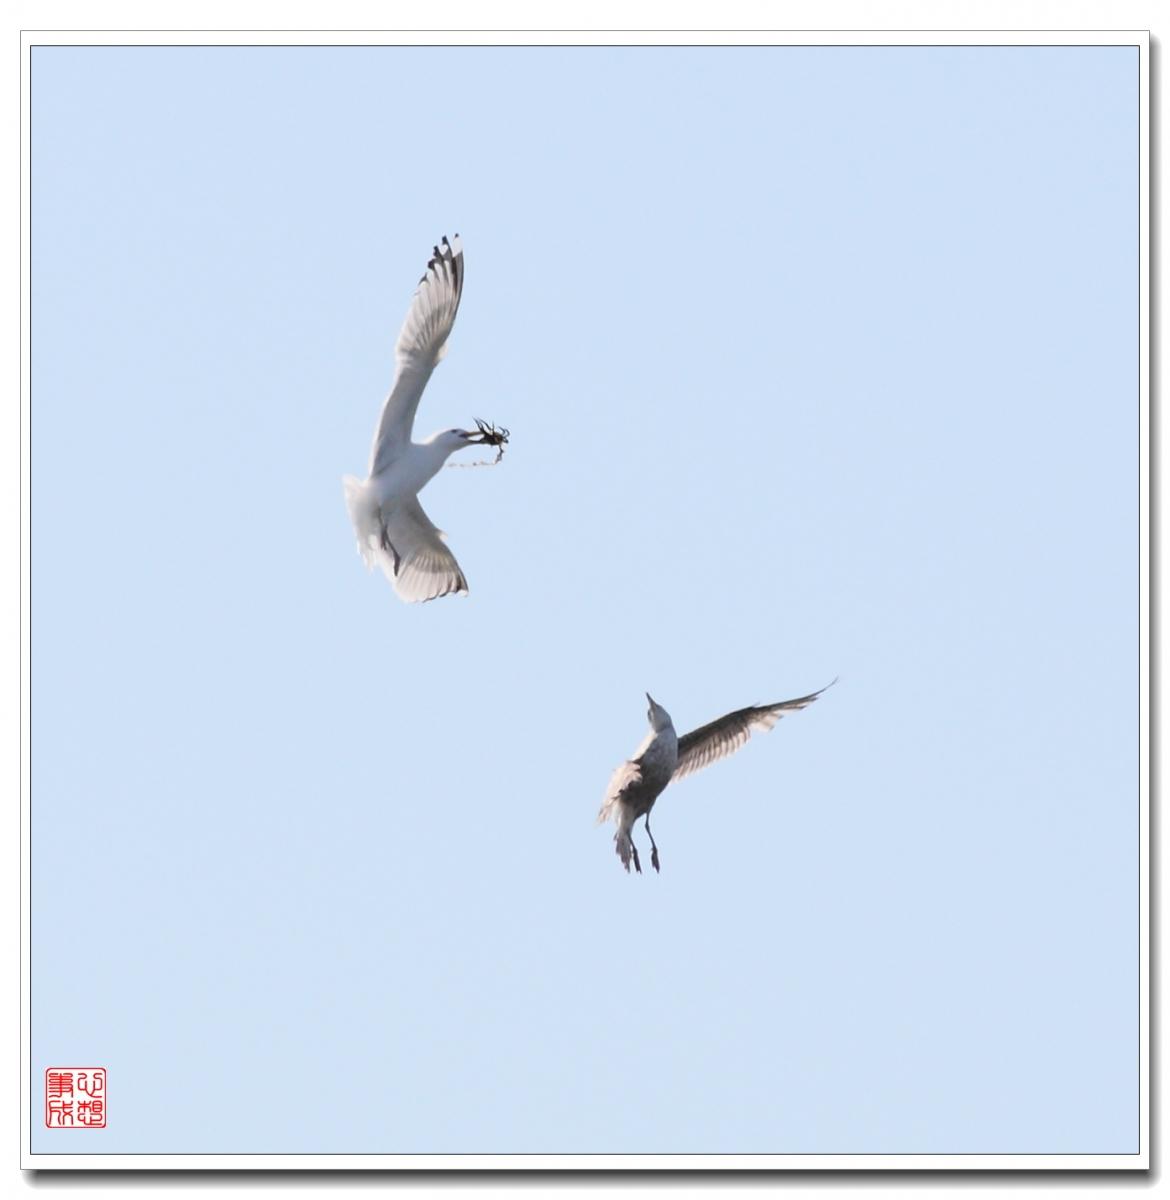 【心想事成】空中表演-海鸥_图1-20